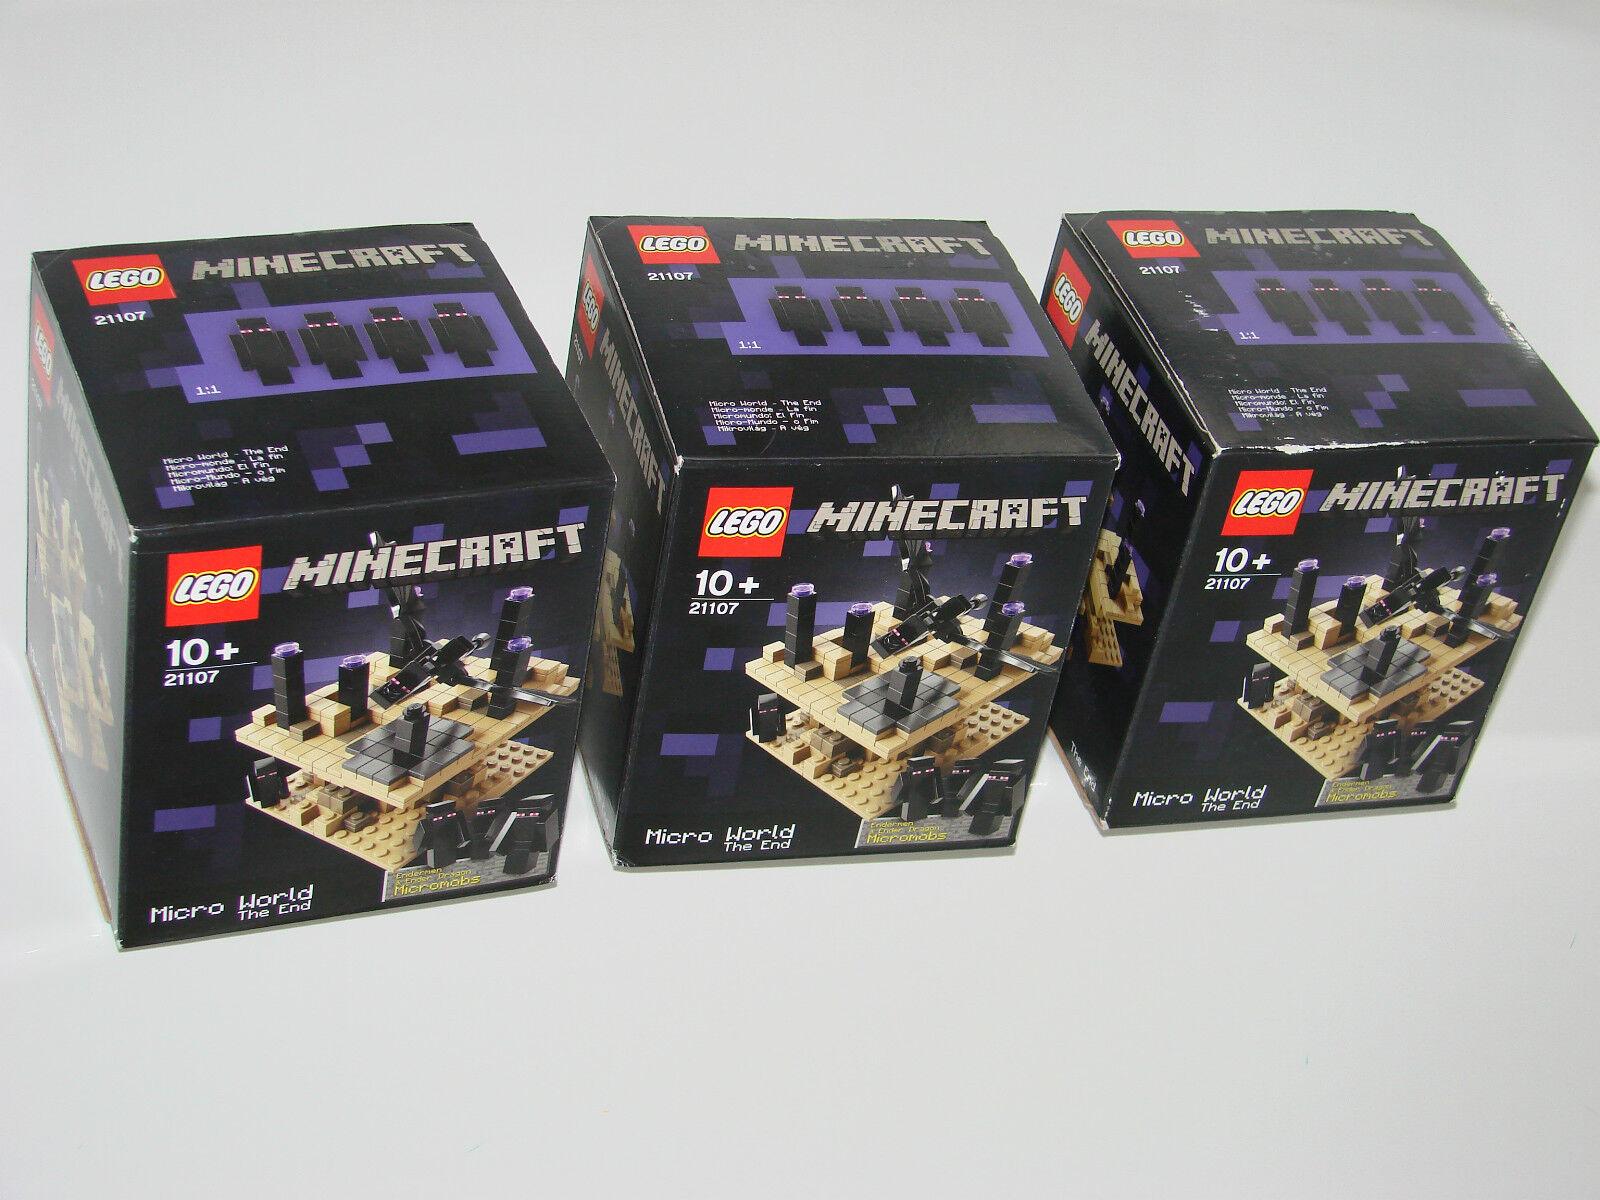 Lego ® Minecraft ™ 21107 micro World-el final de nuevo 3 unidades _ the end New misb 3 Piece